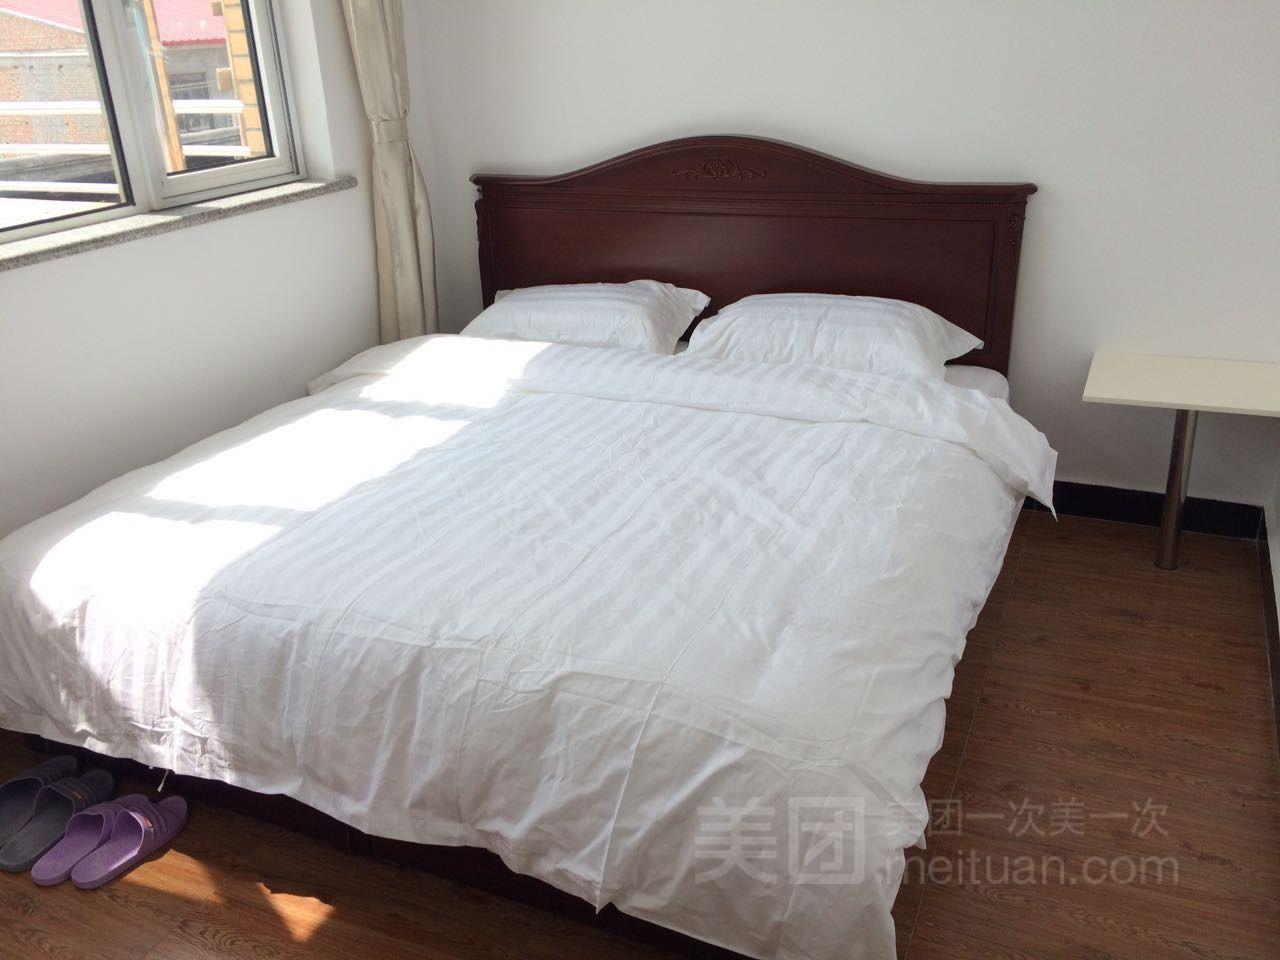 龙庆峡古北79号农家院预订/团购